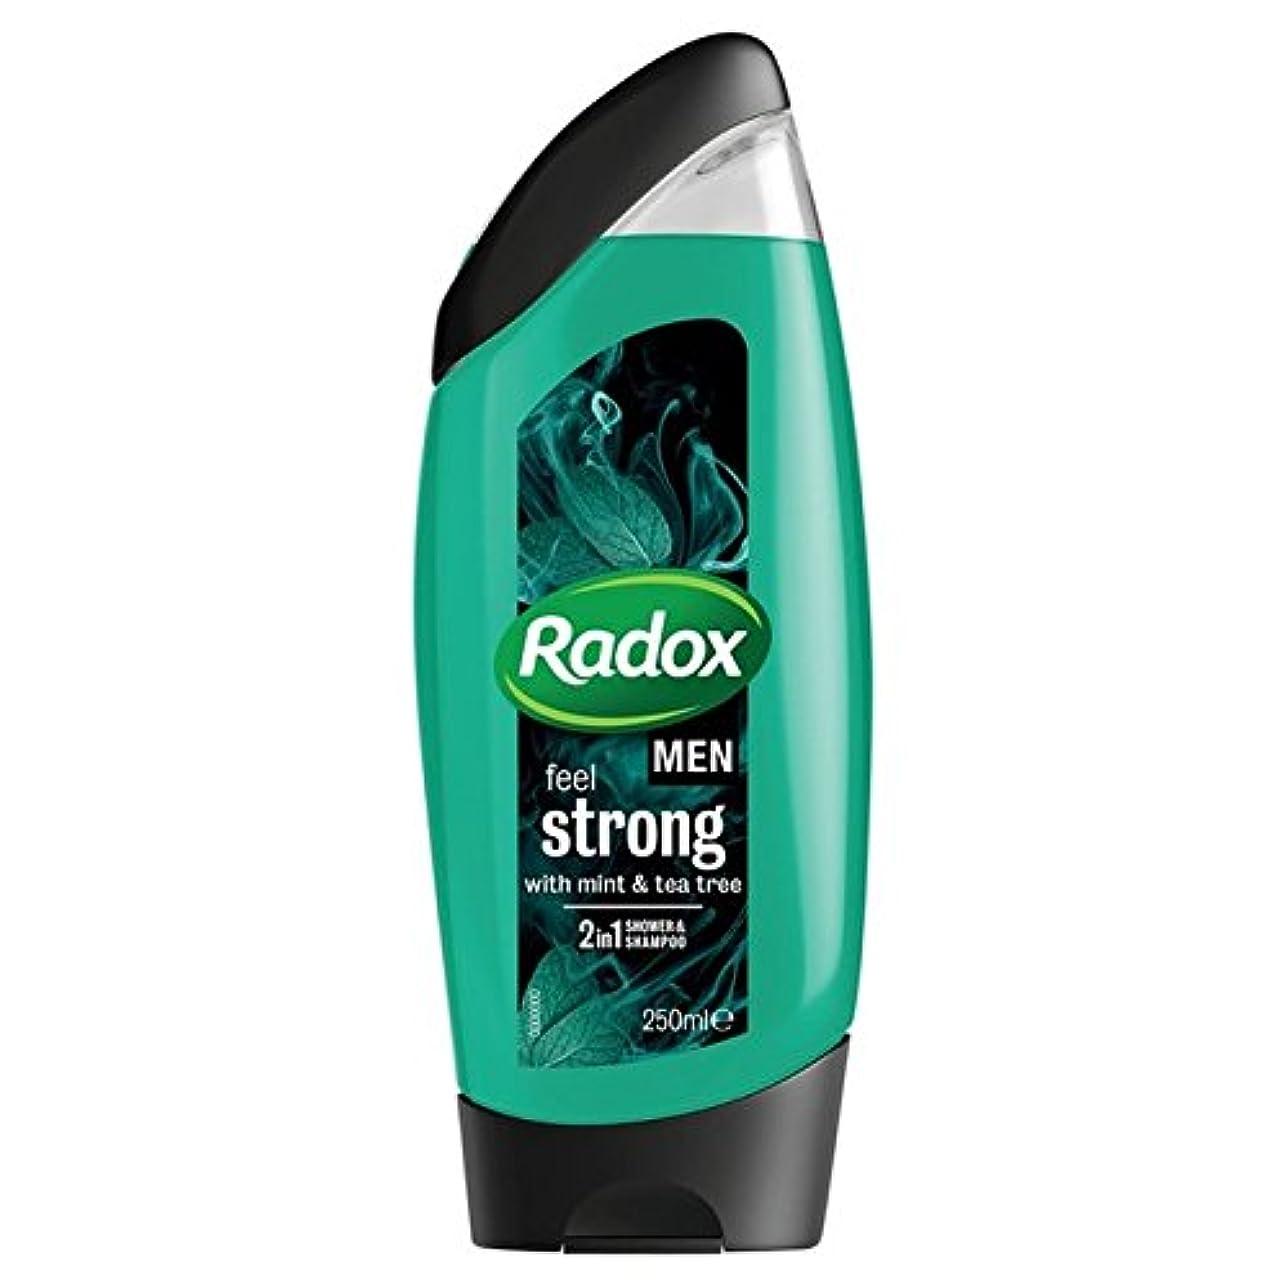 昆虫を見るアトラス洋服Radox Men Feel Strong Mint & Tea Tree 2in1 Shower Gel 250ml (Pack of 6) - 男性は、強力なミント&ティーツリーの21のシャワージェル250ミリリットル...